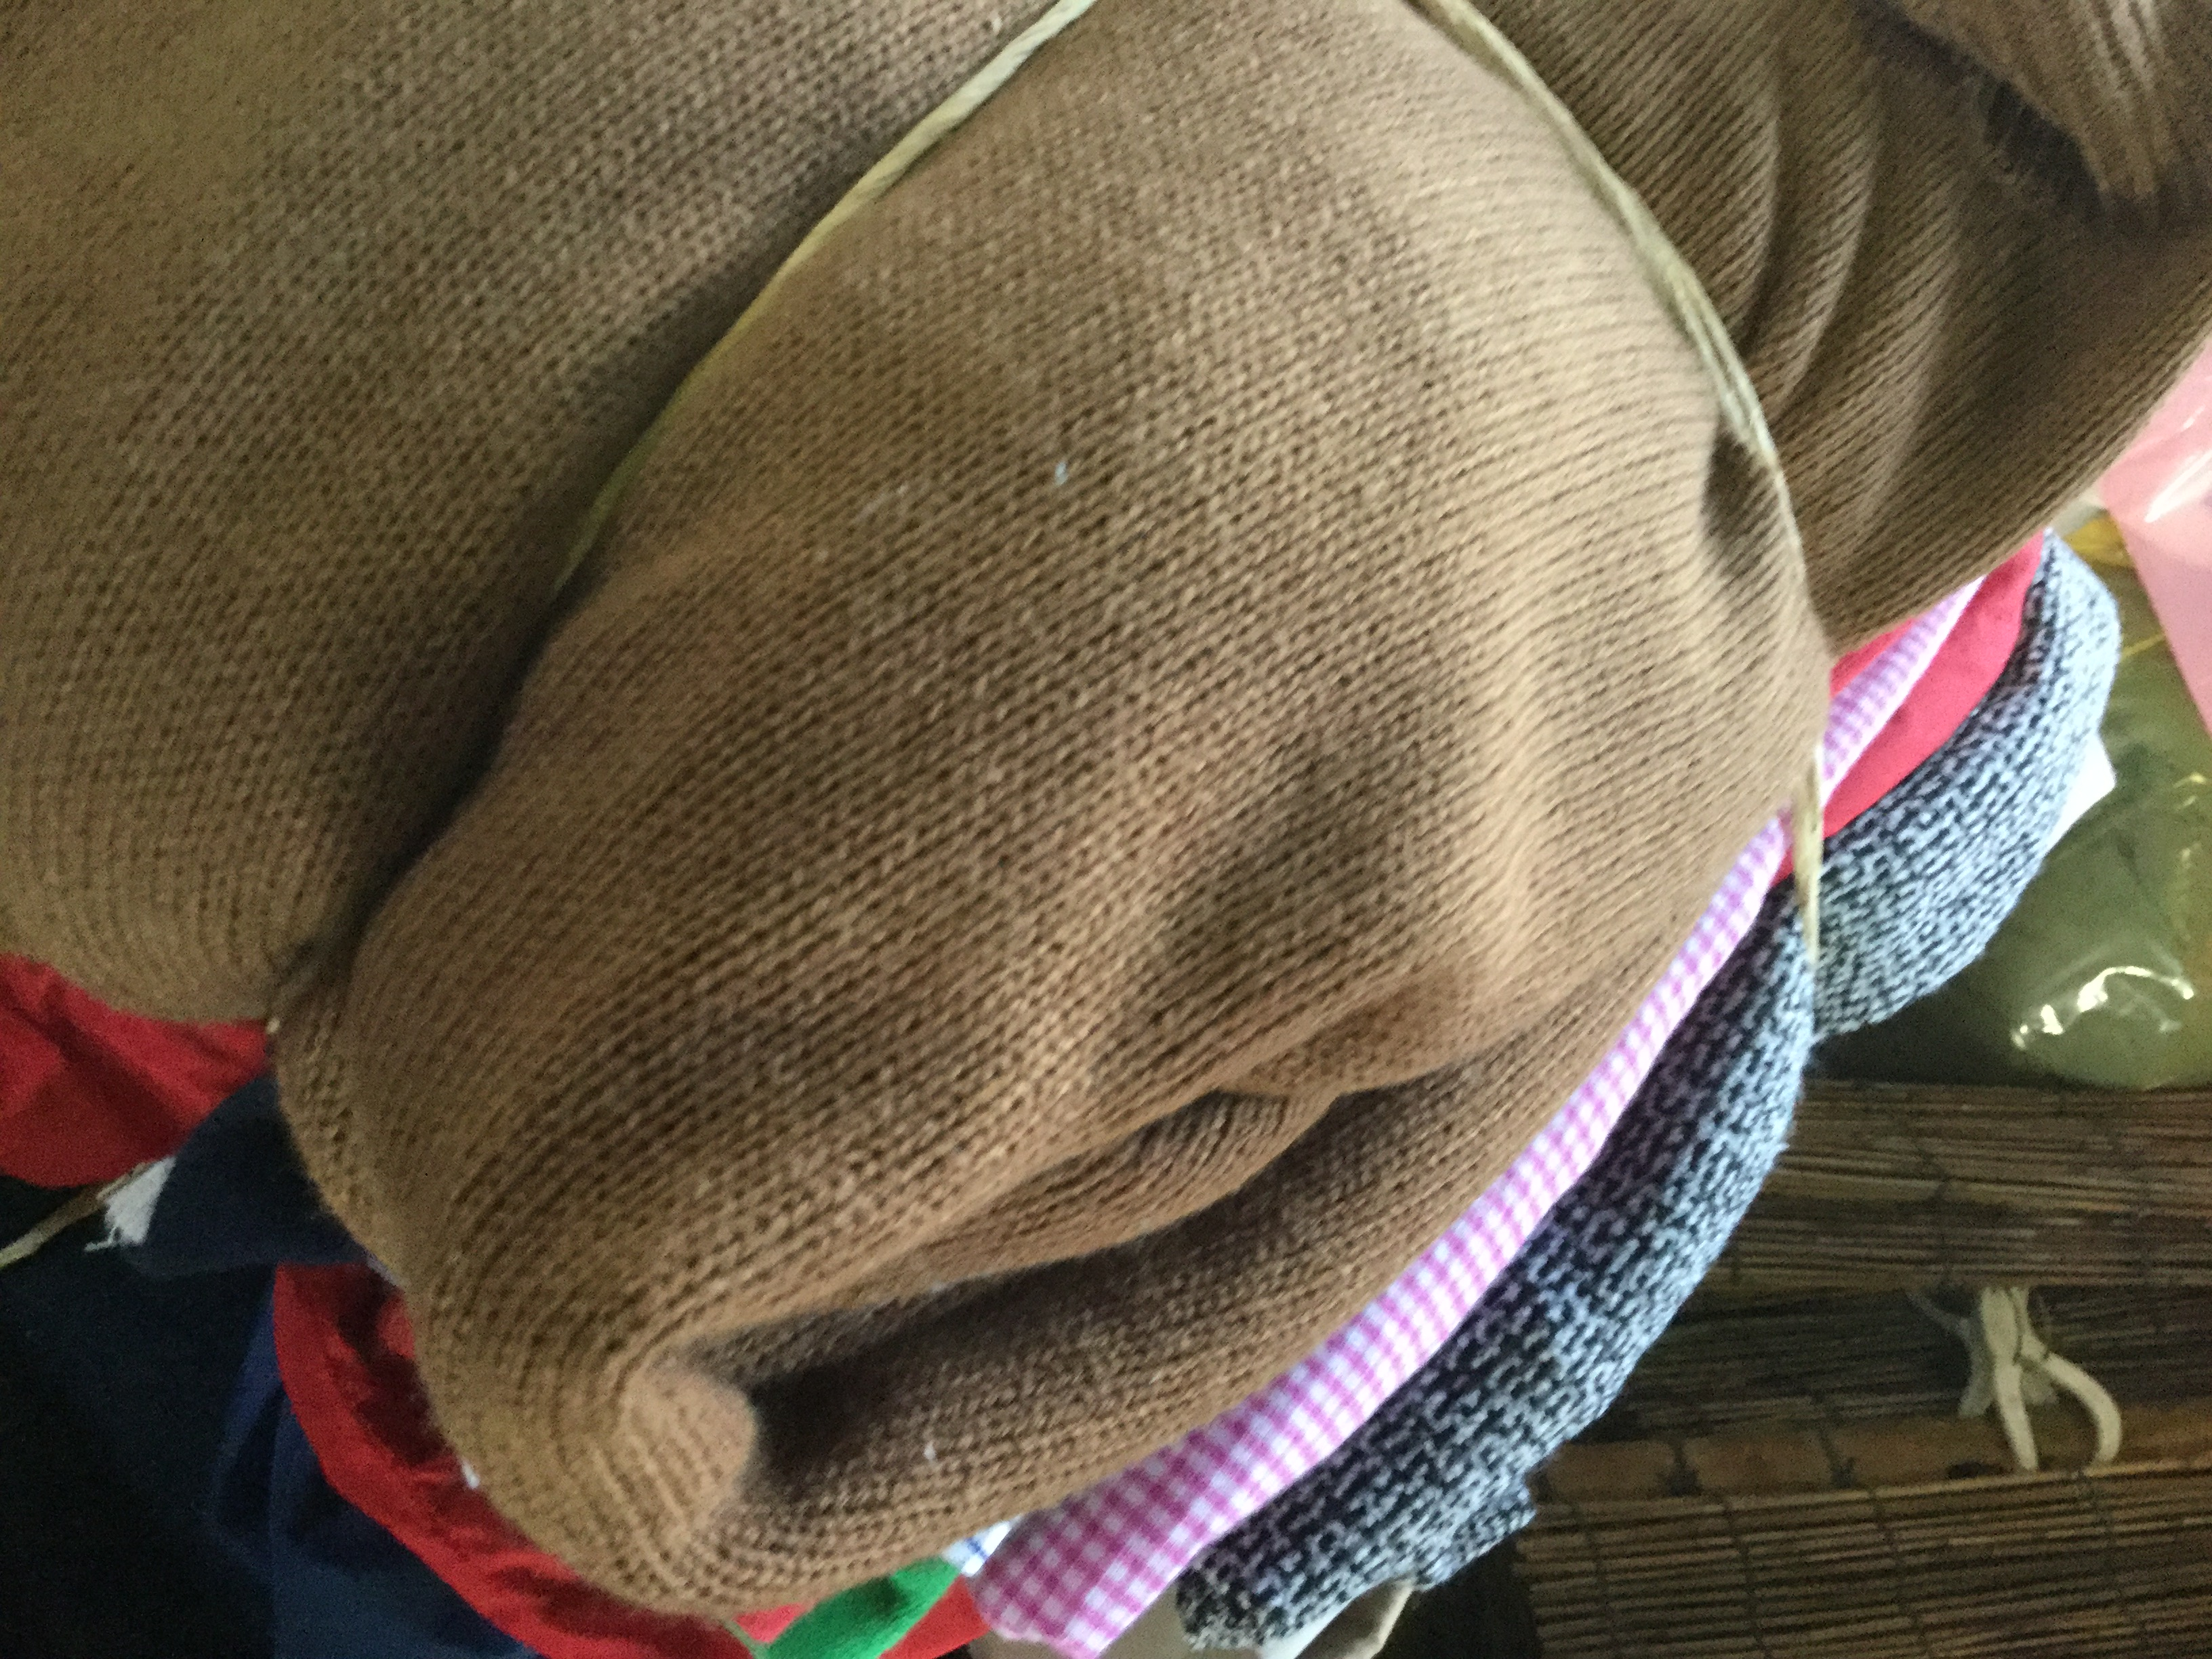 岡山市で不用品回収・処分した衣類